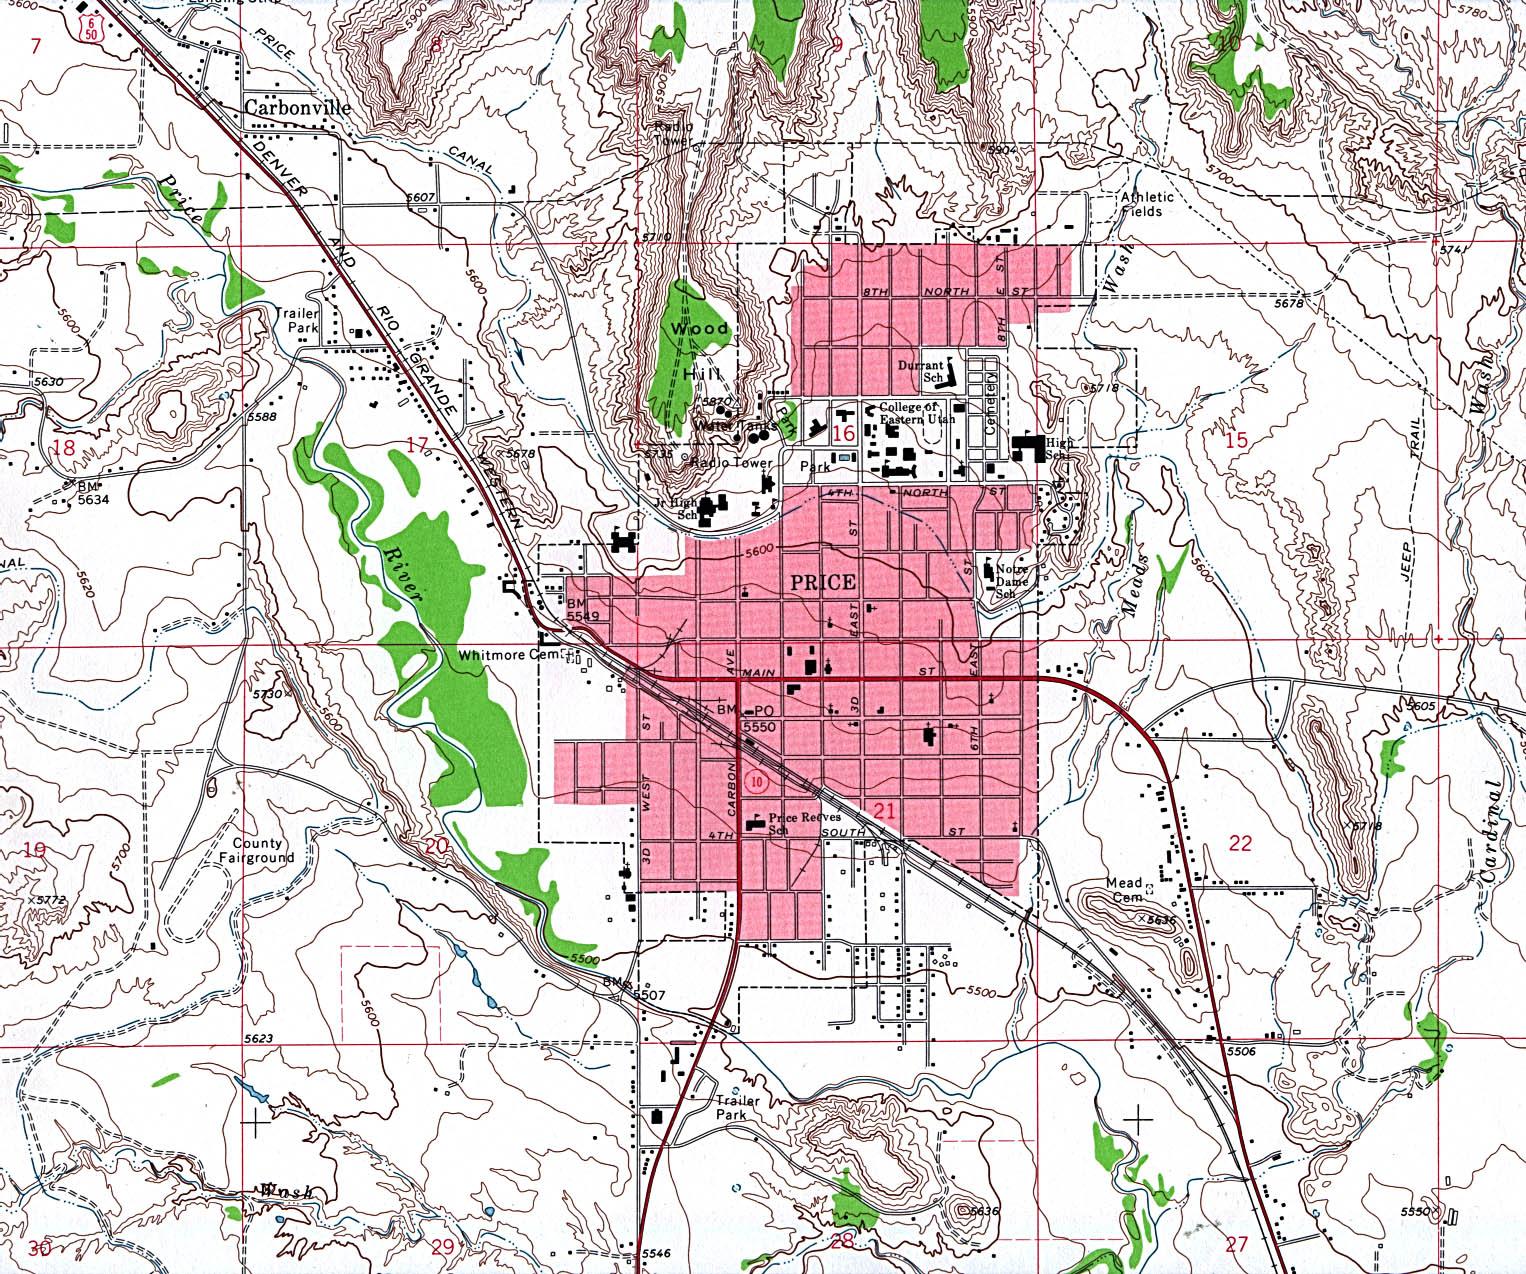 Mapa Topográfico de la Ciudad de Price, Utah, Estados Unidos